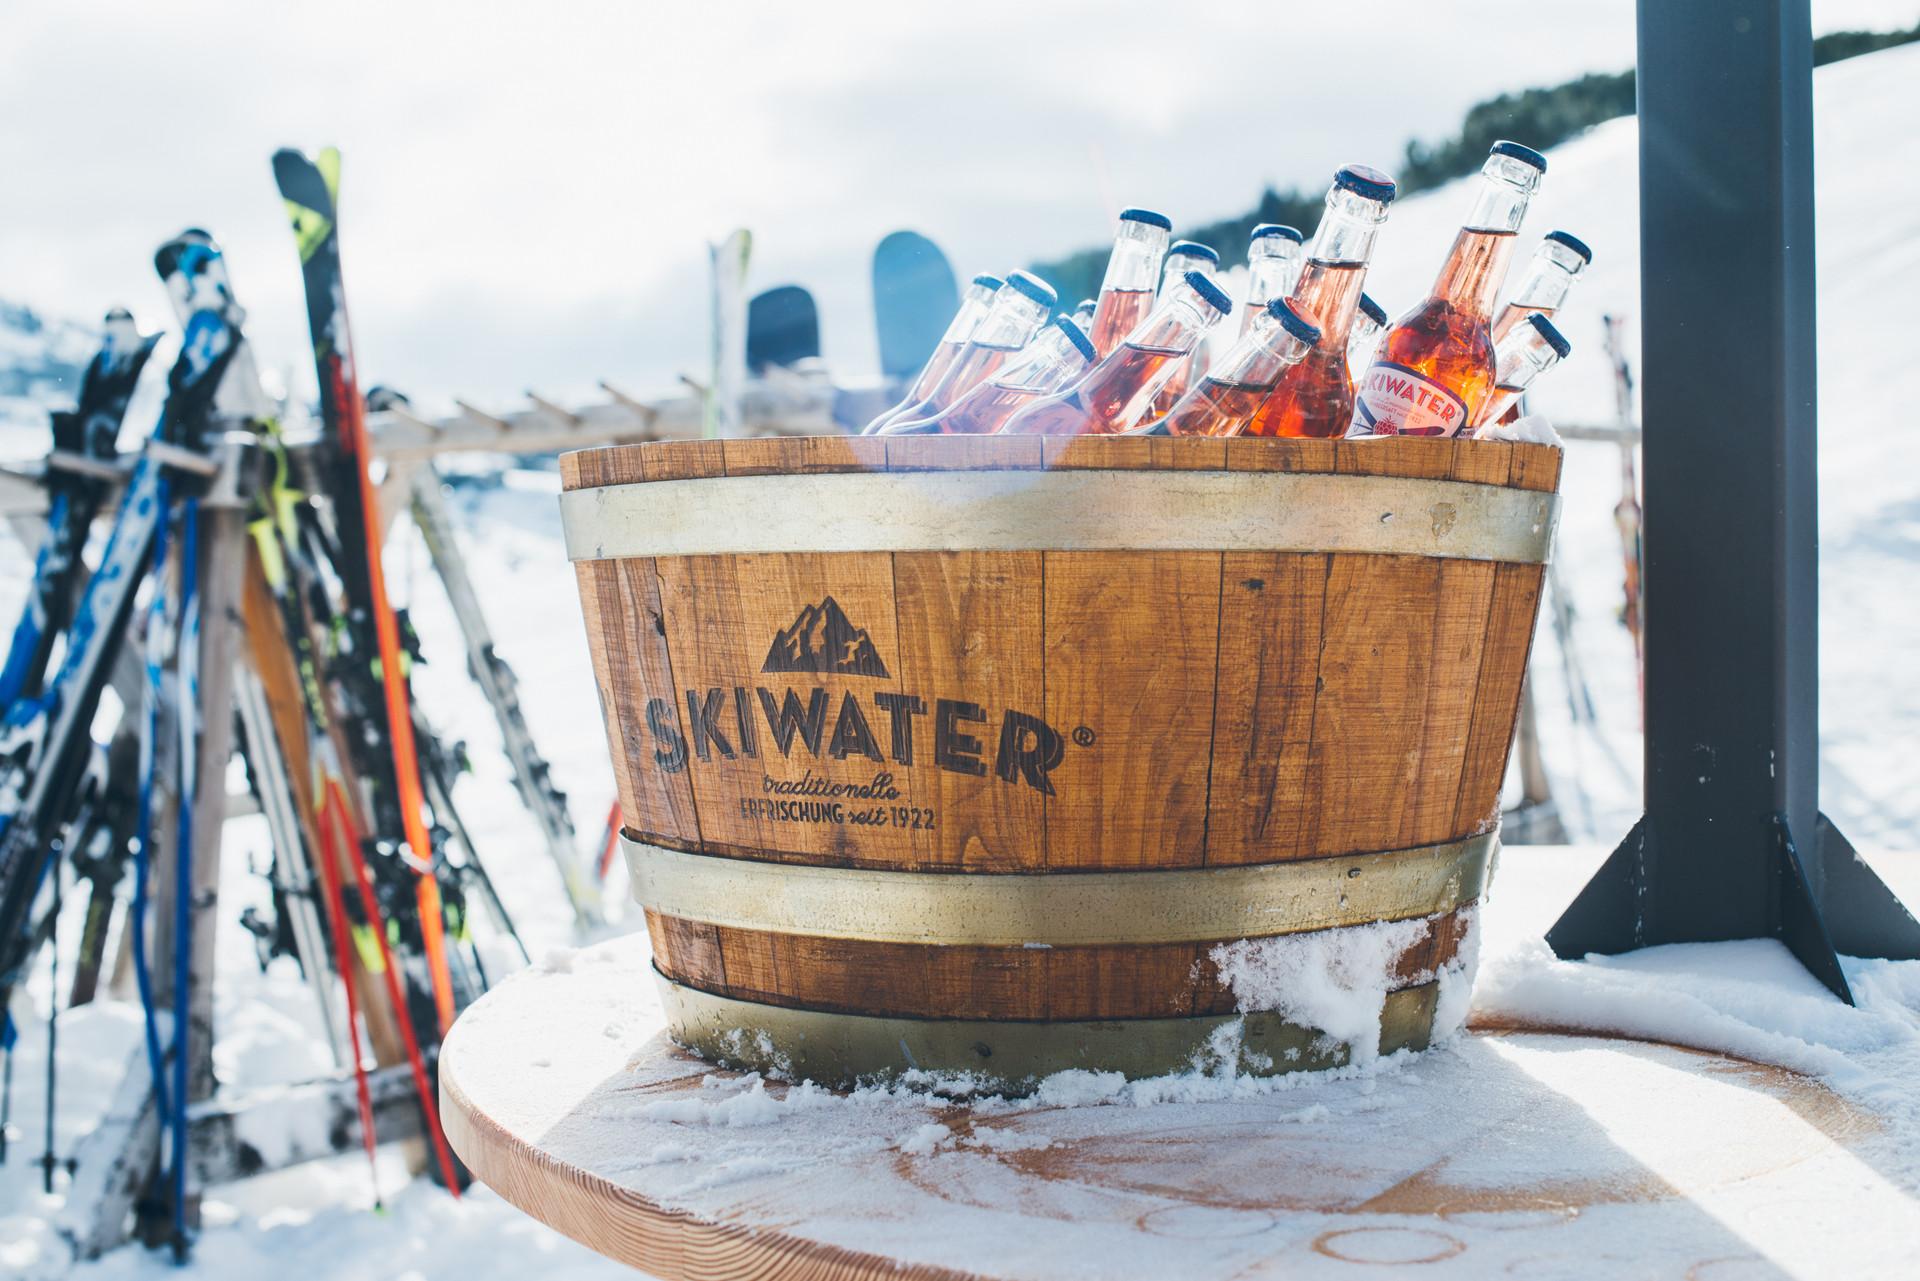 skiwater skiwasser Getraenk erfrischend Berge Ski Skifahren Oesterreich Event Eventfotografie Portrait Dokumentation Fotografie Foto Fotograf Auftragsfotograf Philipp Löffler Loeffler - München